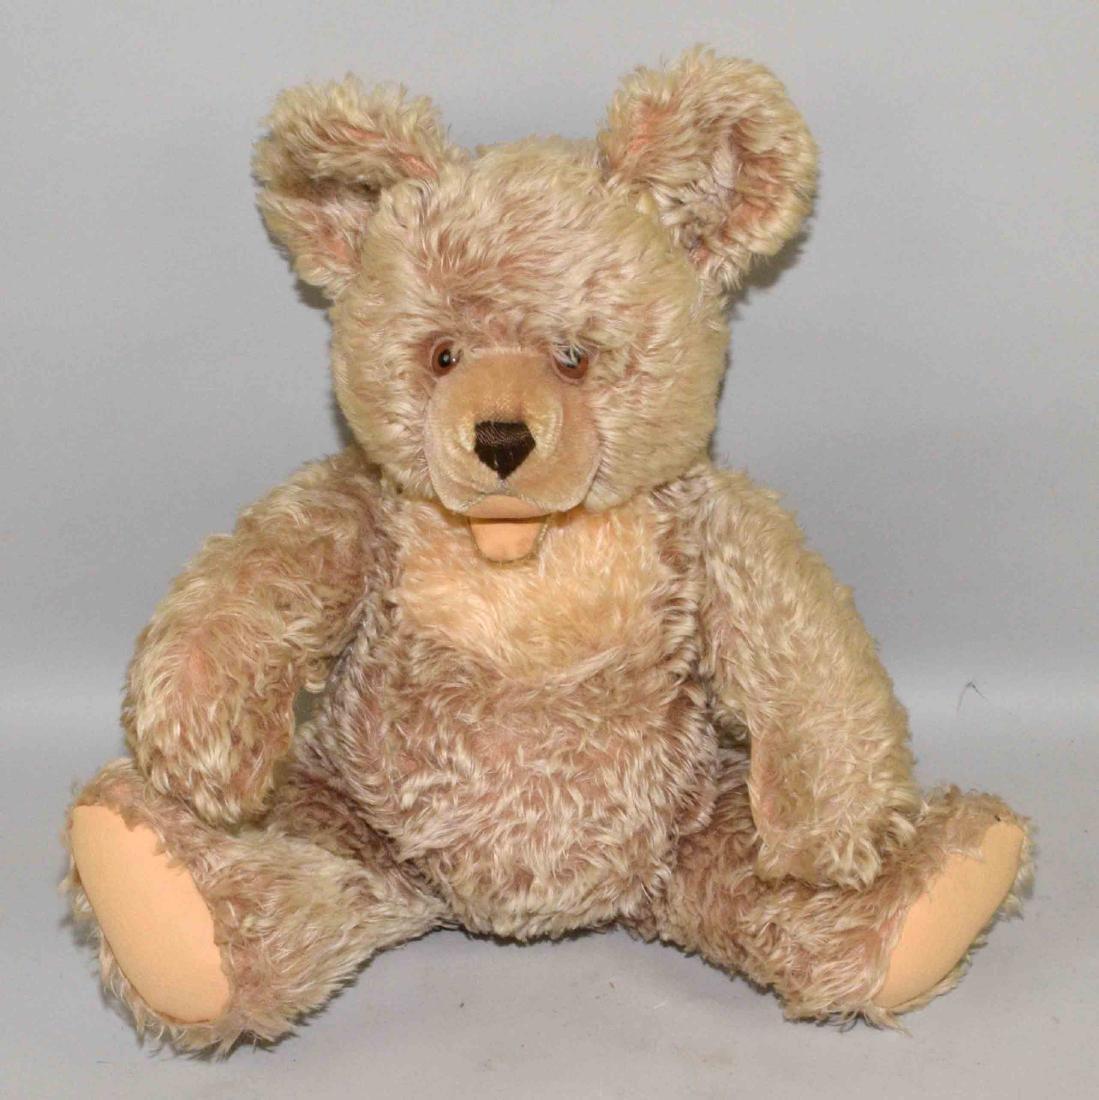 TEDDY BEAR, Stief style, no tag. 16''H.